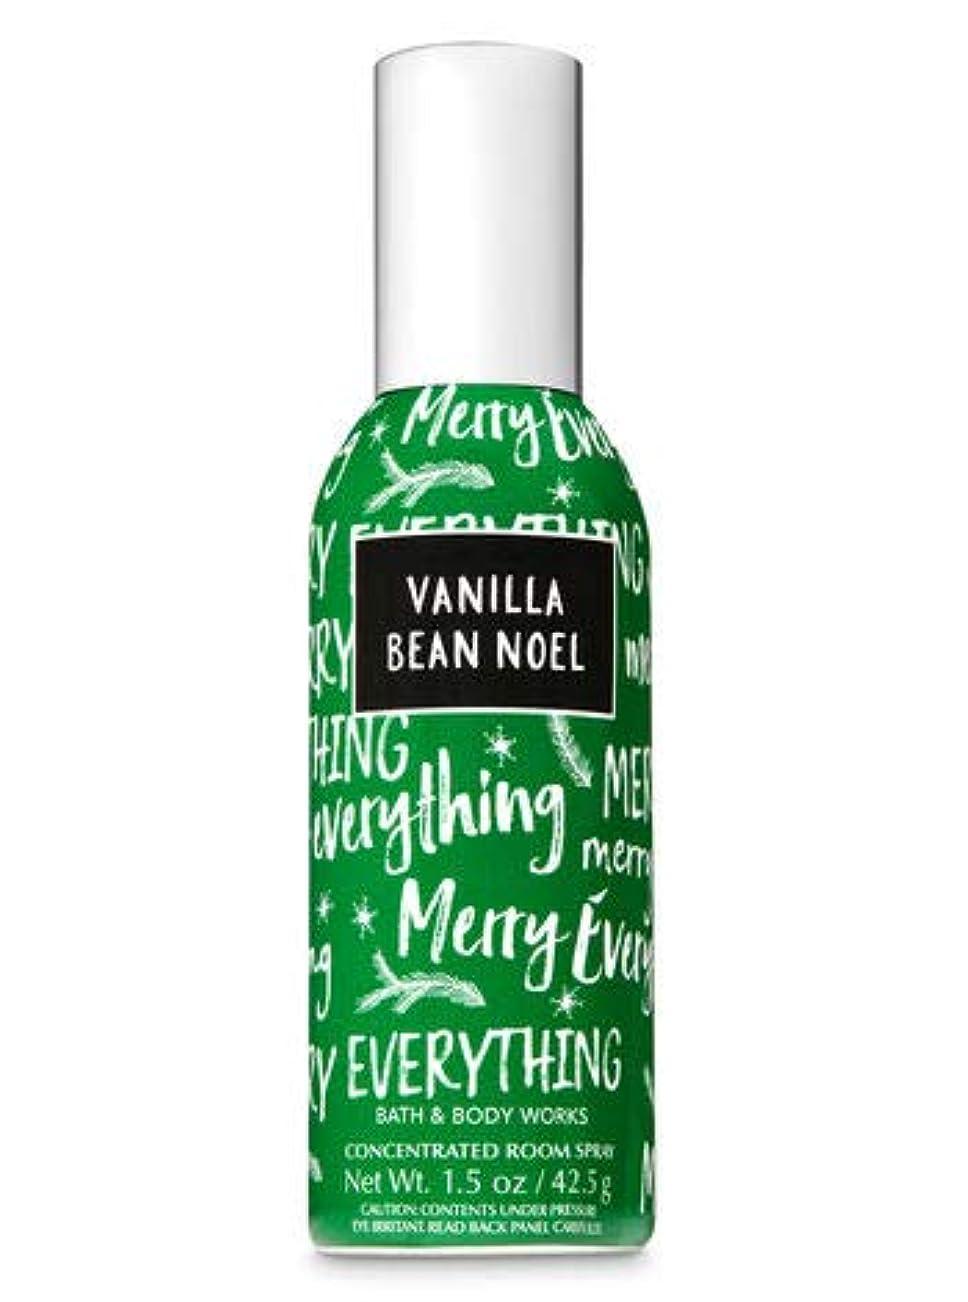 磁気重要性良さ【Bath&Body Works/バス&ボディワークス】 ルームスプレー バニラビーンノエル 1.5 oz. Concentrated Room Spray/Room Perfume Vanilla Bean Noel [並行輸入品]